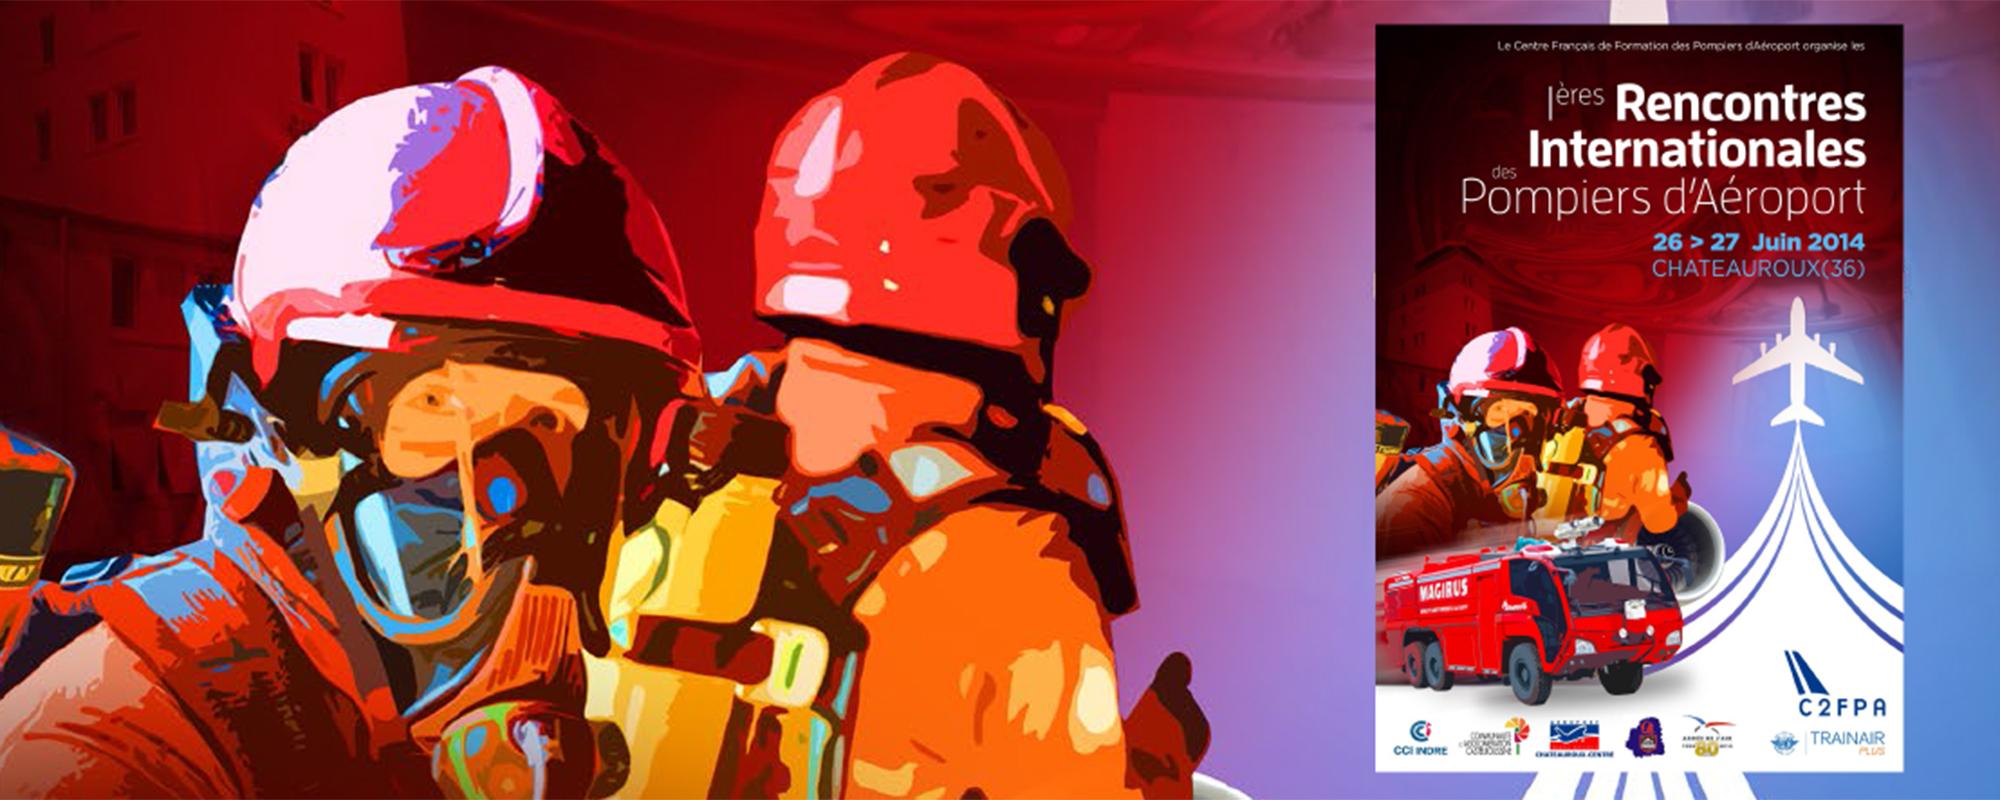 Rencontre femme pompier femmes c libataires